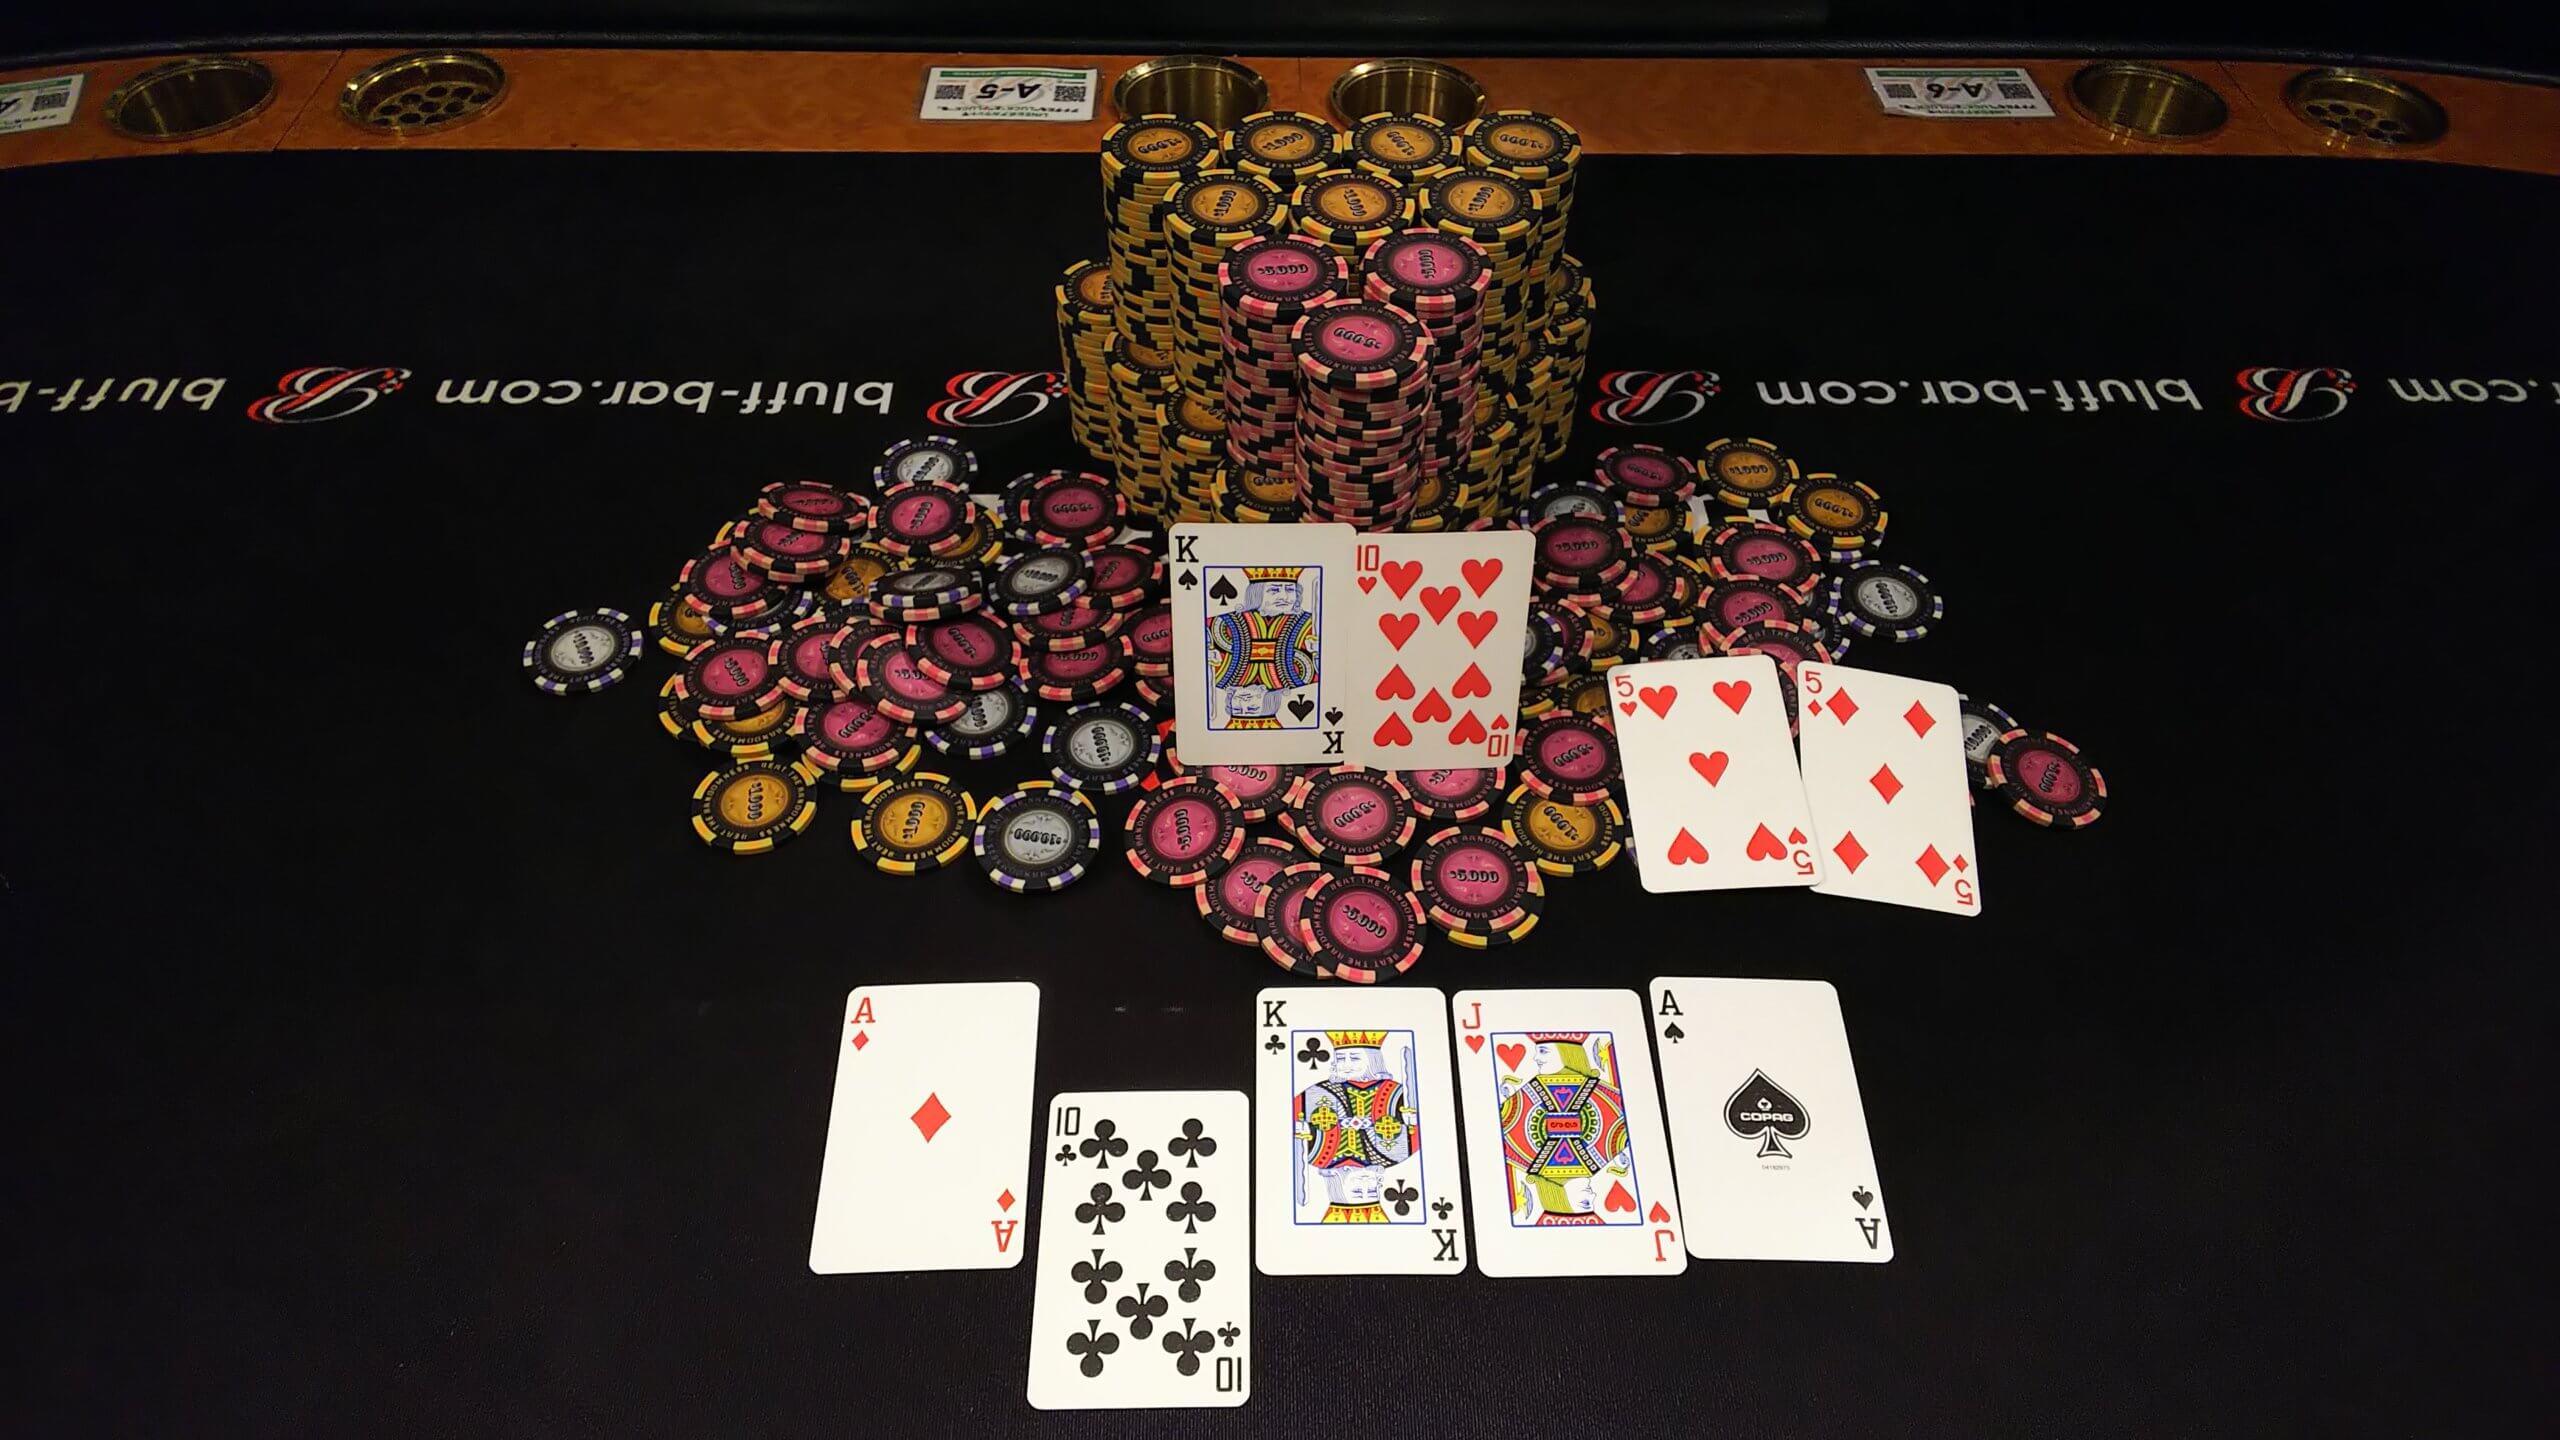 ポーカーゲームの様子